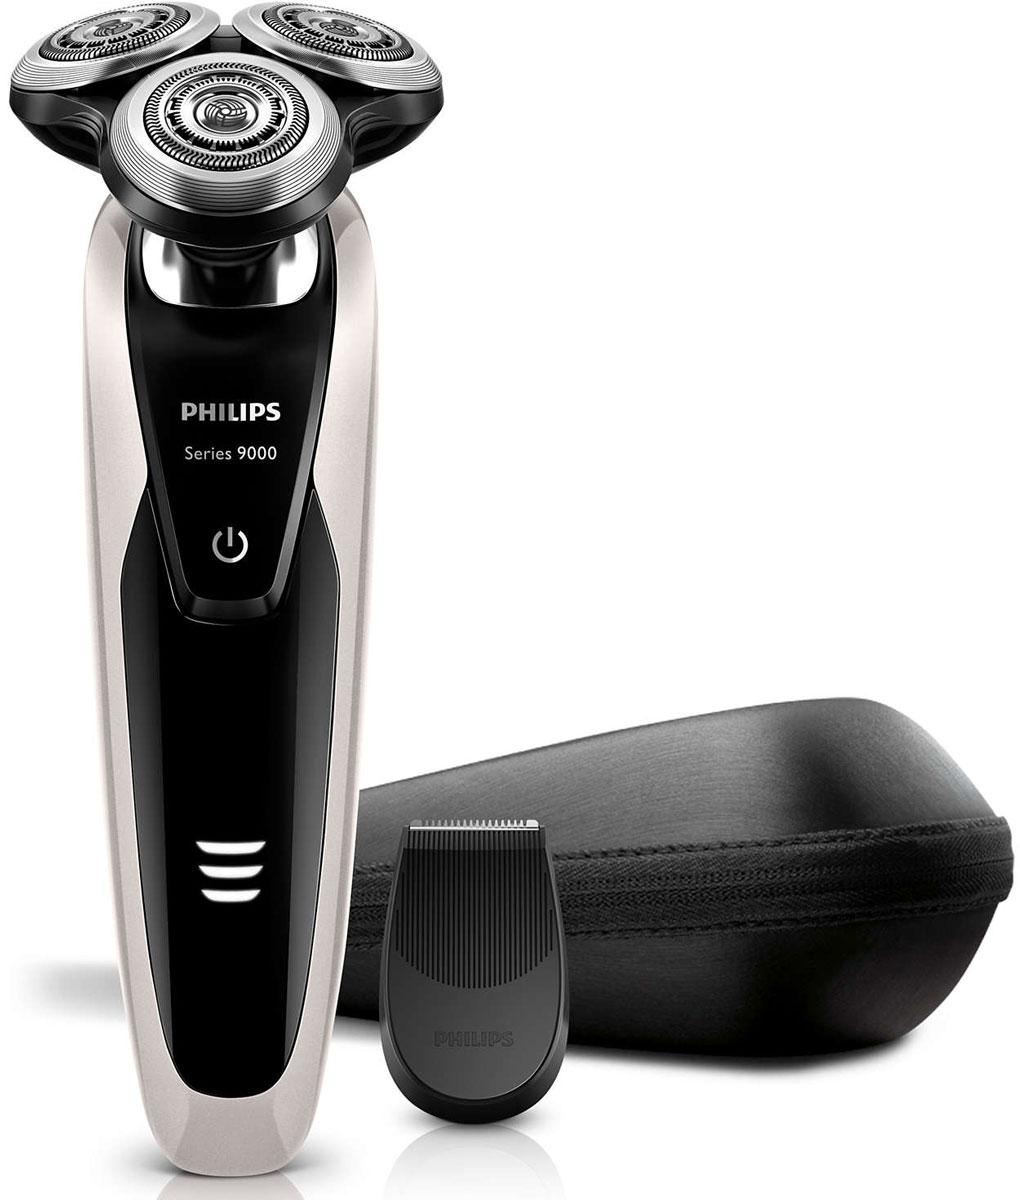 Philips S9041/12 электробритваS9041/12Philips S 9041/12 — наиболее совершенная бритва Philips на сегодняшний день. Уникальная технология повторения контуров гарантирует идеальное скольжение, а система лезвий V-Track обеспечивает более удобный захват волосков и максимально чистое бритье. Запатентованные лезвия V-Track Precision аккуратно захватывают и направляют волоски любой длины, а также волоски, прилегающие к коже. Обеспечивает на 30 % более гладкое и быстрое бритье, чтобы ваша кожа всегда выглядела безупречно. Новые гибкие головки вращаются в 8 направлениях, максимально точно повторяя контуры лица и требуя меньше усилий при каждом движении. Головки, двигающиеся независимо от бритвенного элемента, захватывают на 20 % больше волосков и обеспечивают более чистое бритье при меньшем количестве движений. Встроенная система двойных лезвий электрической бритвы Philips S 9041/12 приподнимает волоски, сбривая их максимально близко к поверхности кожи, что обеспечивает более чистое бритье. Уплотнение...